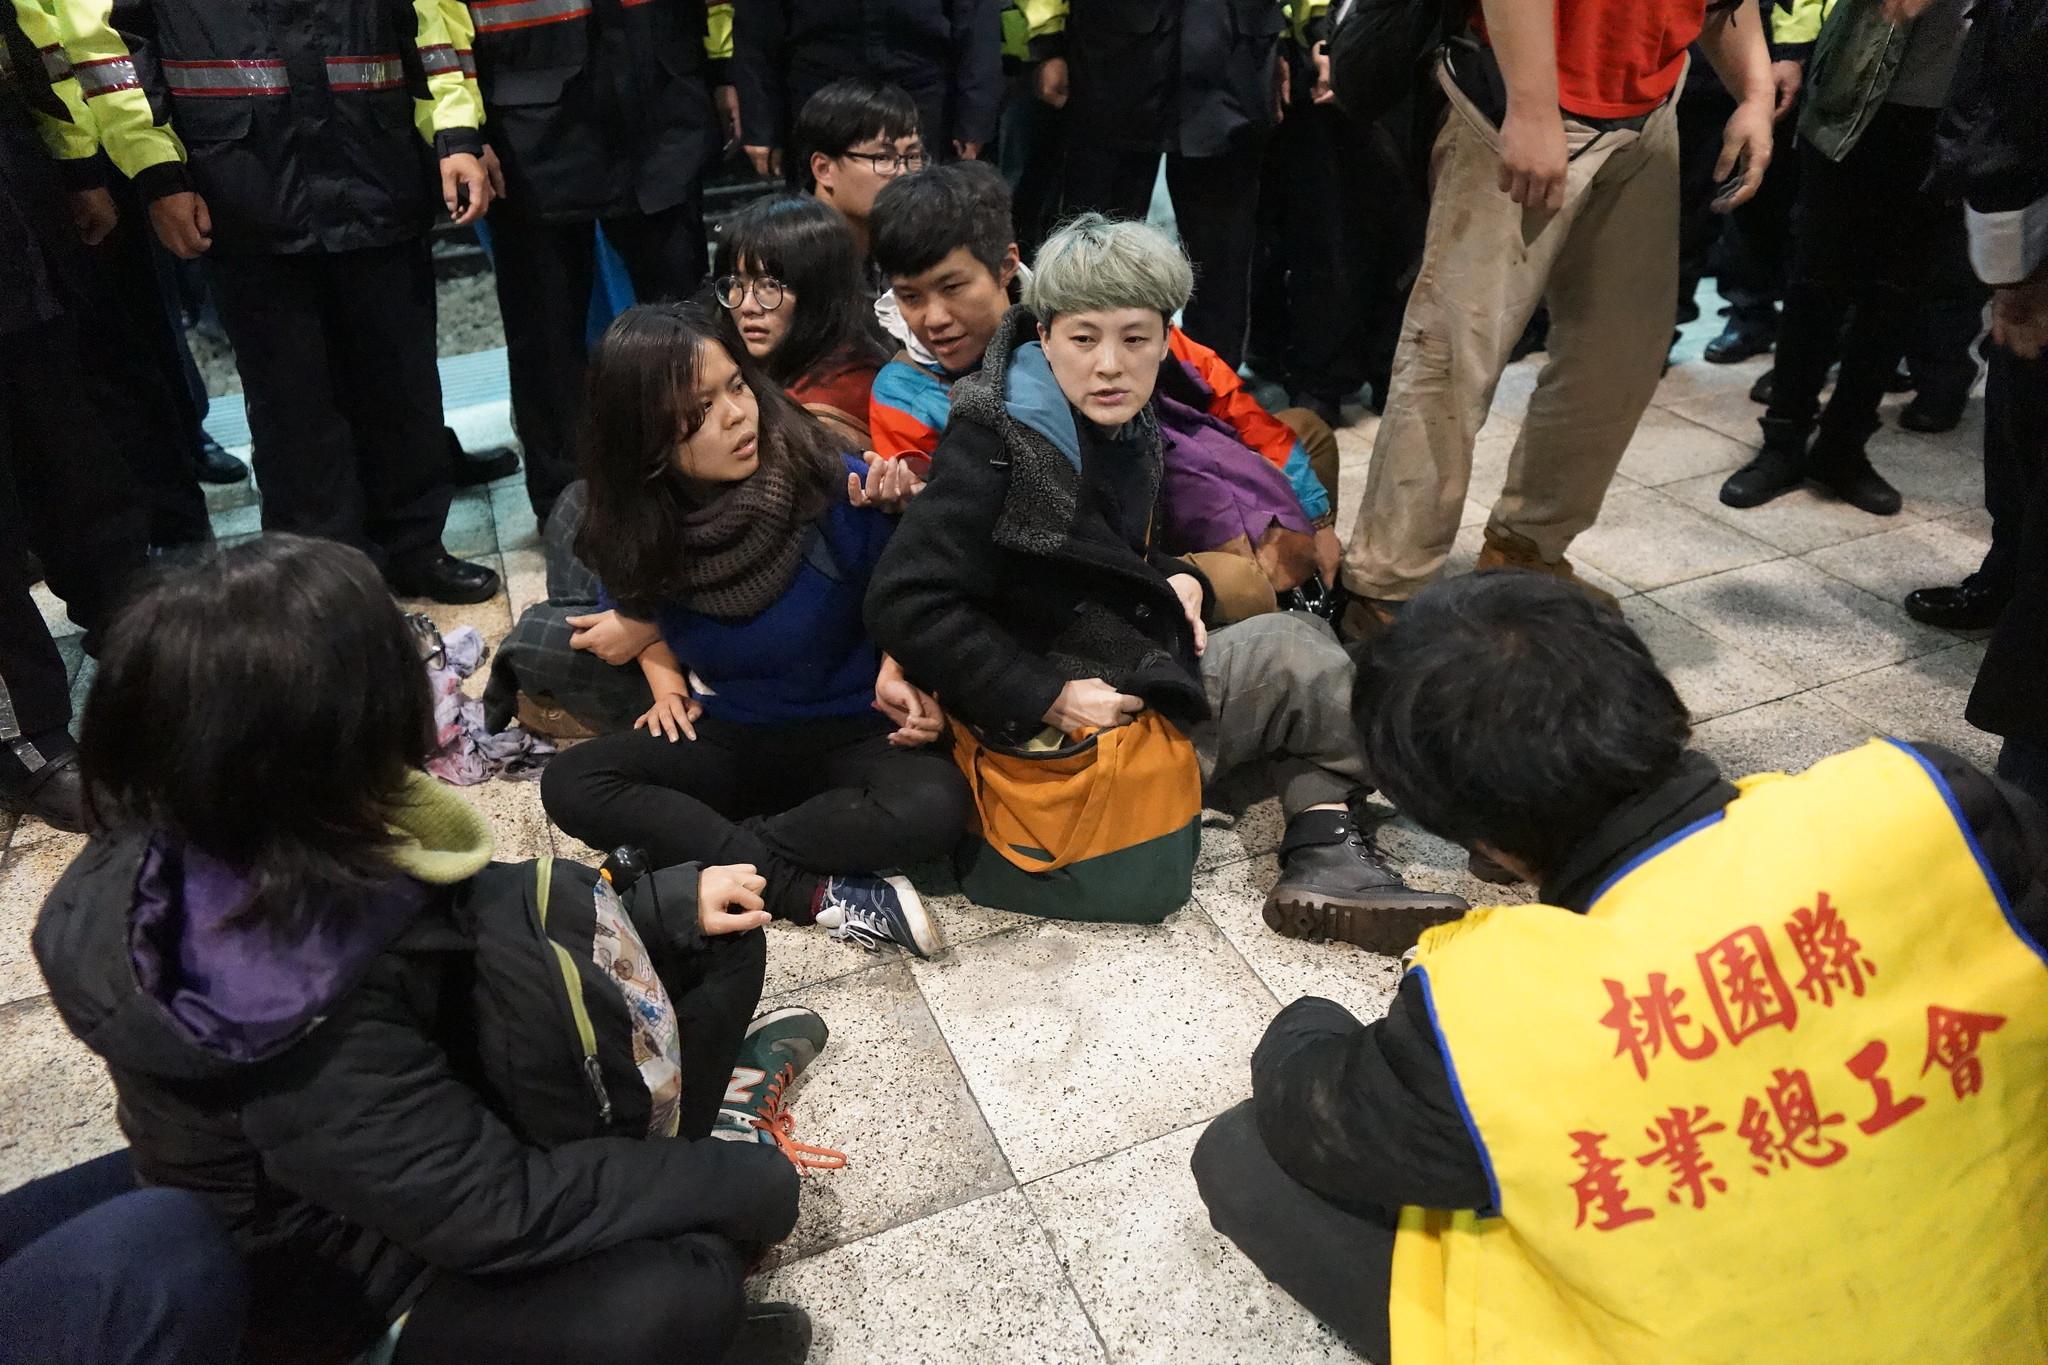 抗議者被驅離後,被短暫包圍於月台,隨後被帶往保一總隊。(攝影:王顥中)